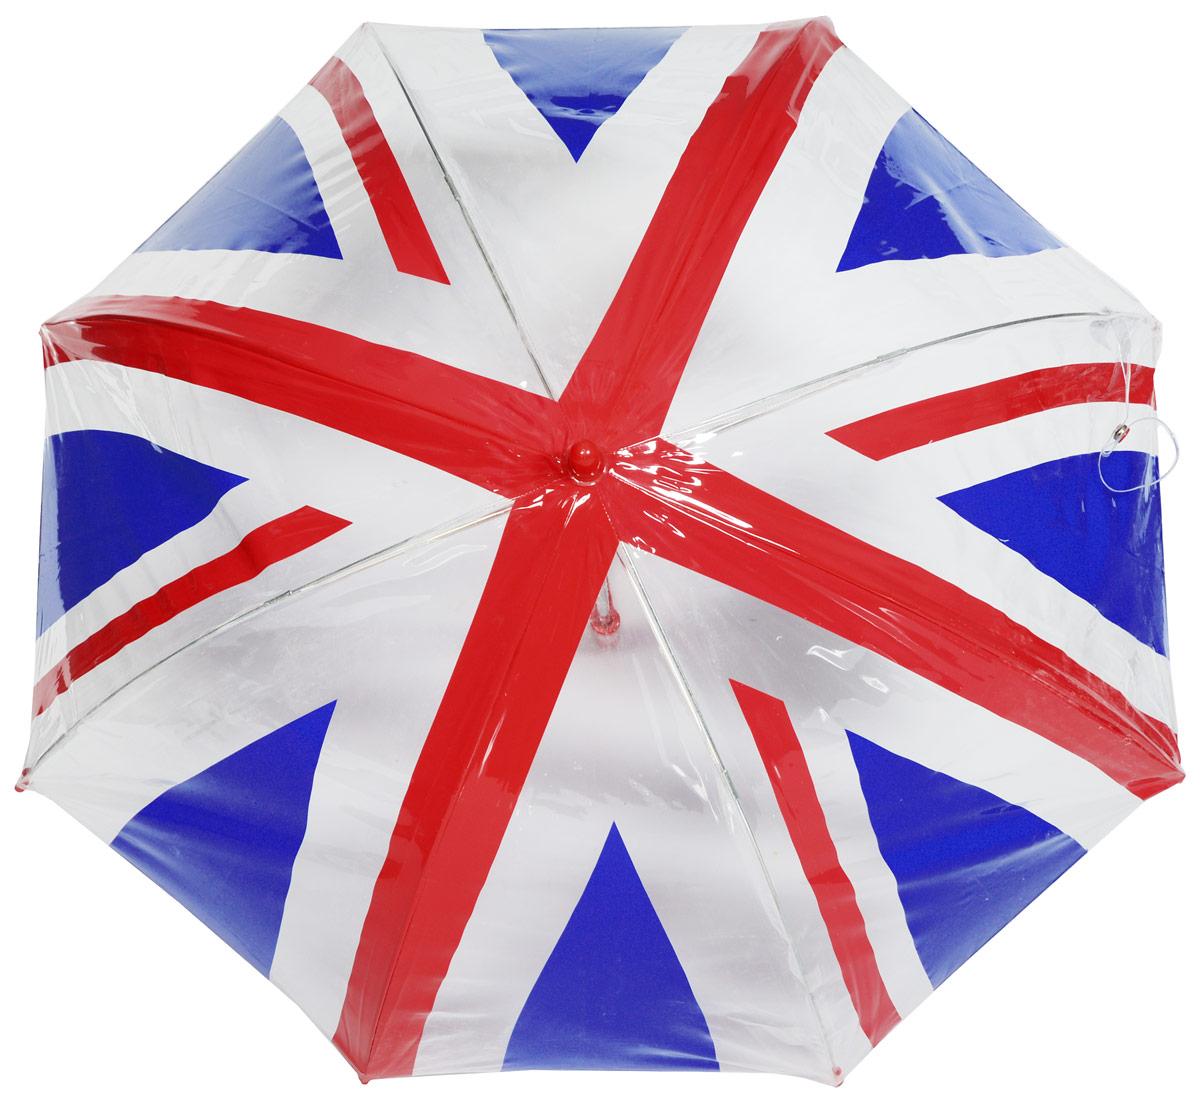 Зонт-трость детский Fulton, механический, цвет: белый, красный, синий. C605-2283C605-2283 UnionJackУдобный механический зонт-трость Fulton даже в ненастную погоду позволит вашему ребенку оставаться стильным. Каркас зонта включает 8 спиц из фибергласса. Стержень изготовлен из прочного алюминия. Купол зонта выполнен из качественного ПВХ. Рукоятка закругленной формы, разработанная с учетом требований эргономики, выполнена из качественного пластика. Зонт механического сложения: купол открывается и закрывается вручную до характерного щелчка.